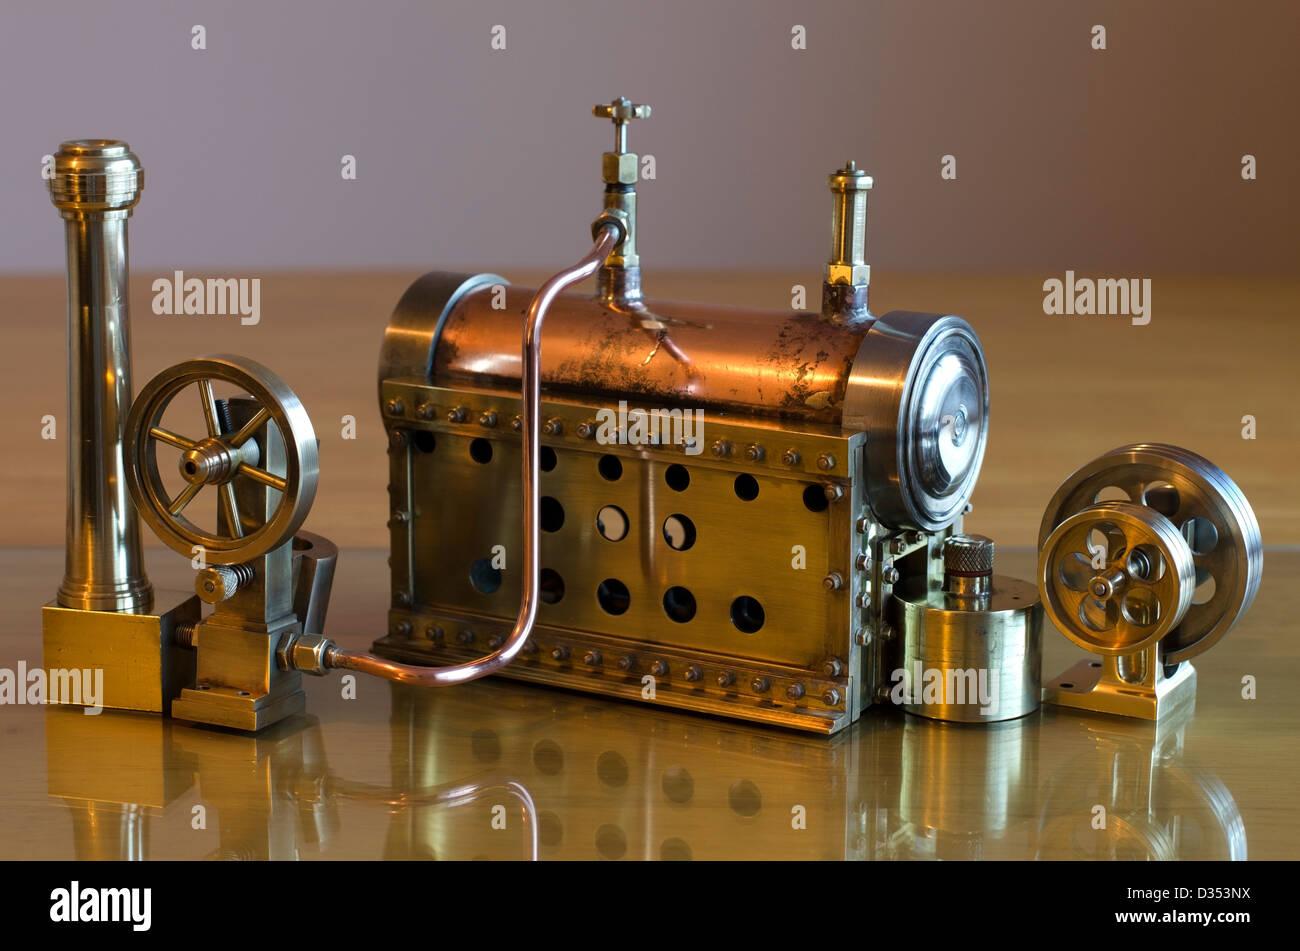 Kleine Arbeiten Modell Dampfmaschine und Kessel Stockfoto, Bild ...